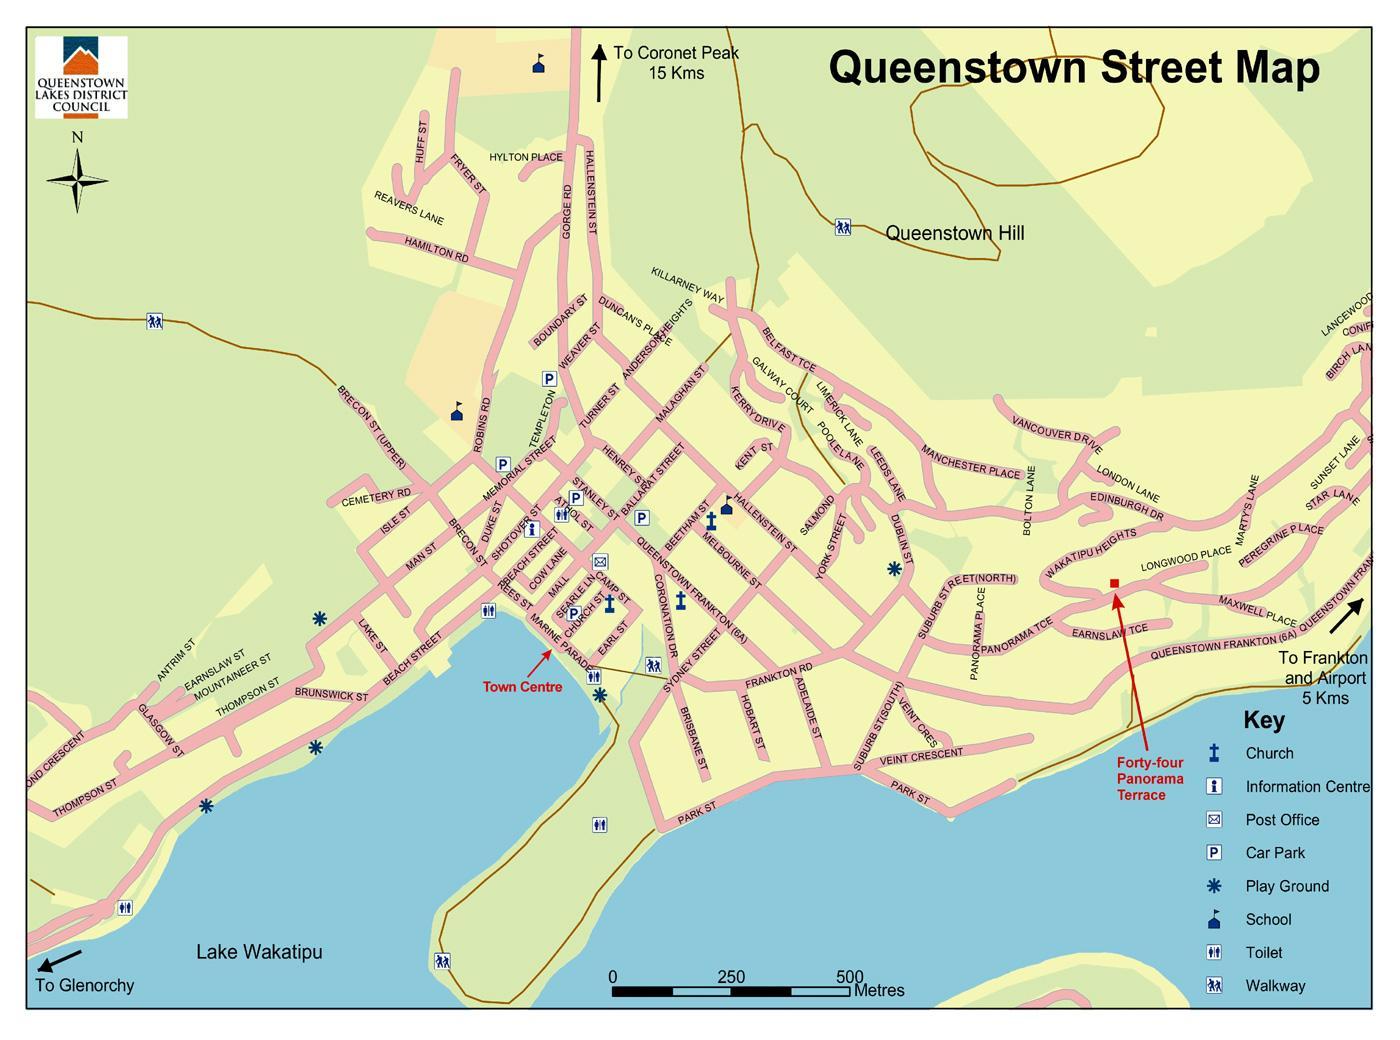 Queenstown, Neuseeland Karte - Straßenkarte von queenstown ... on